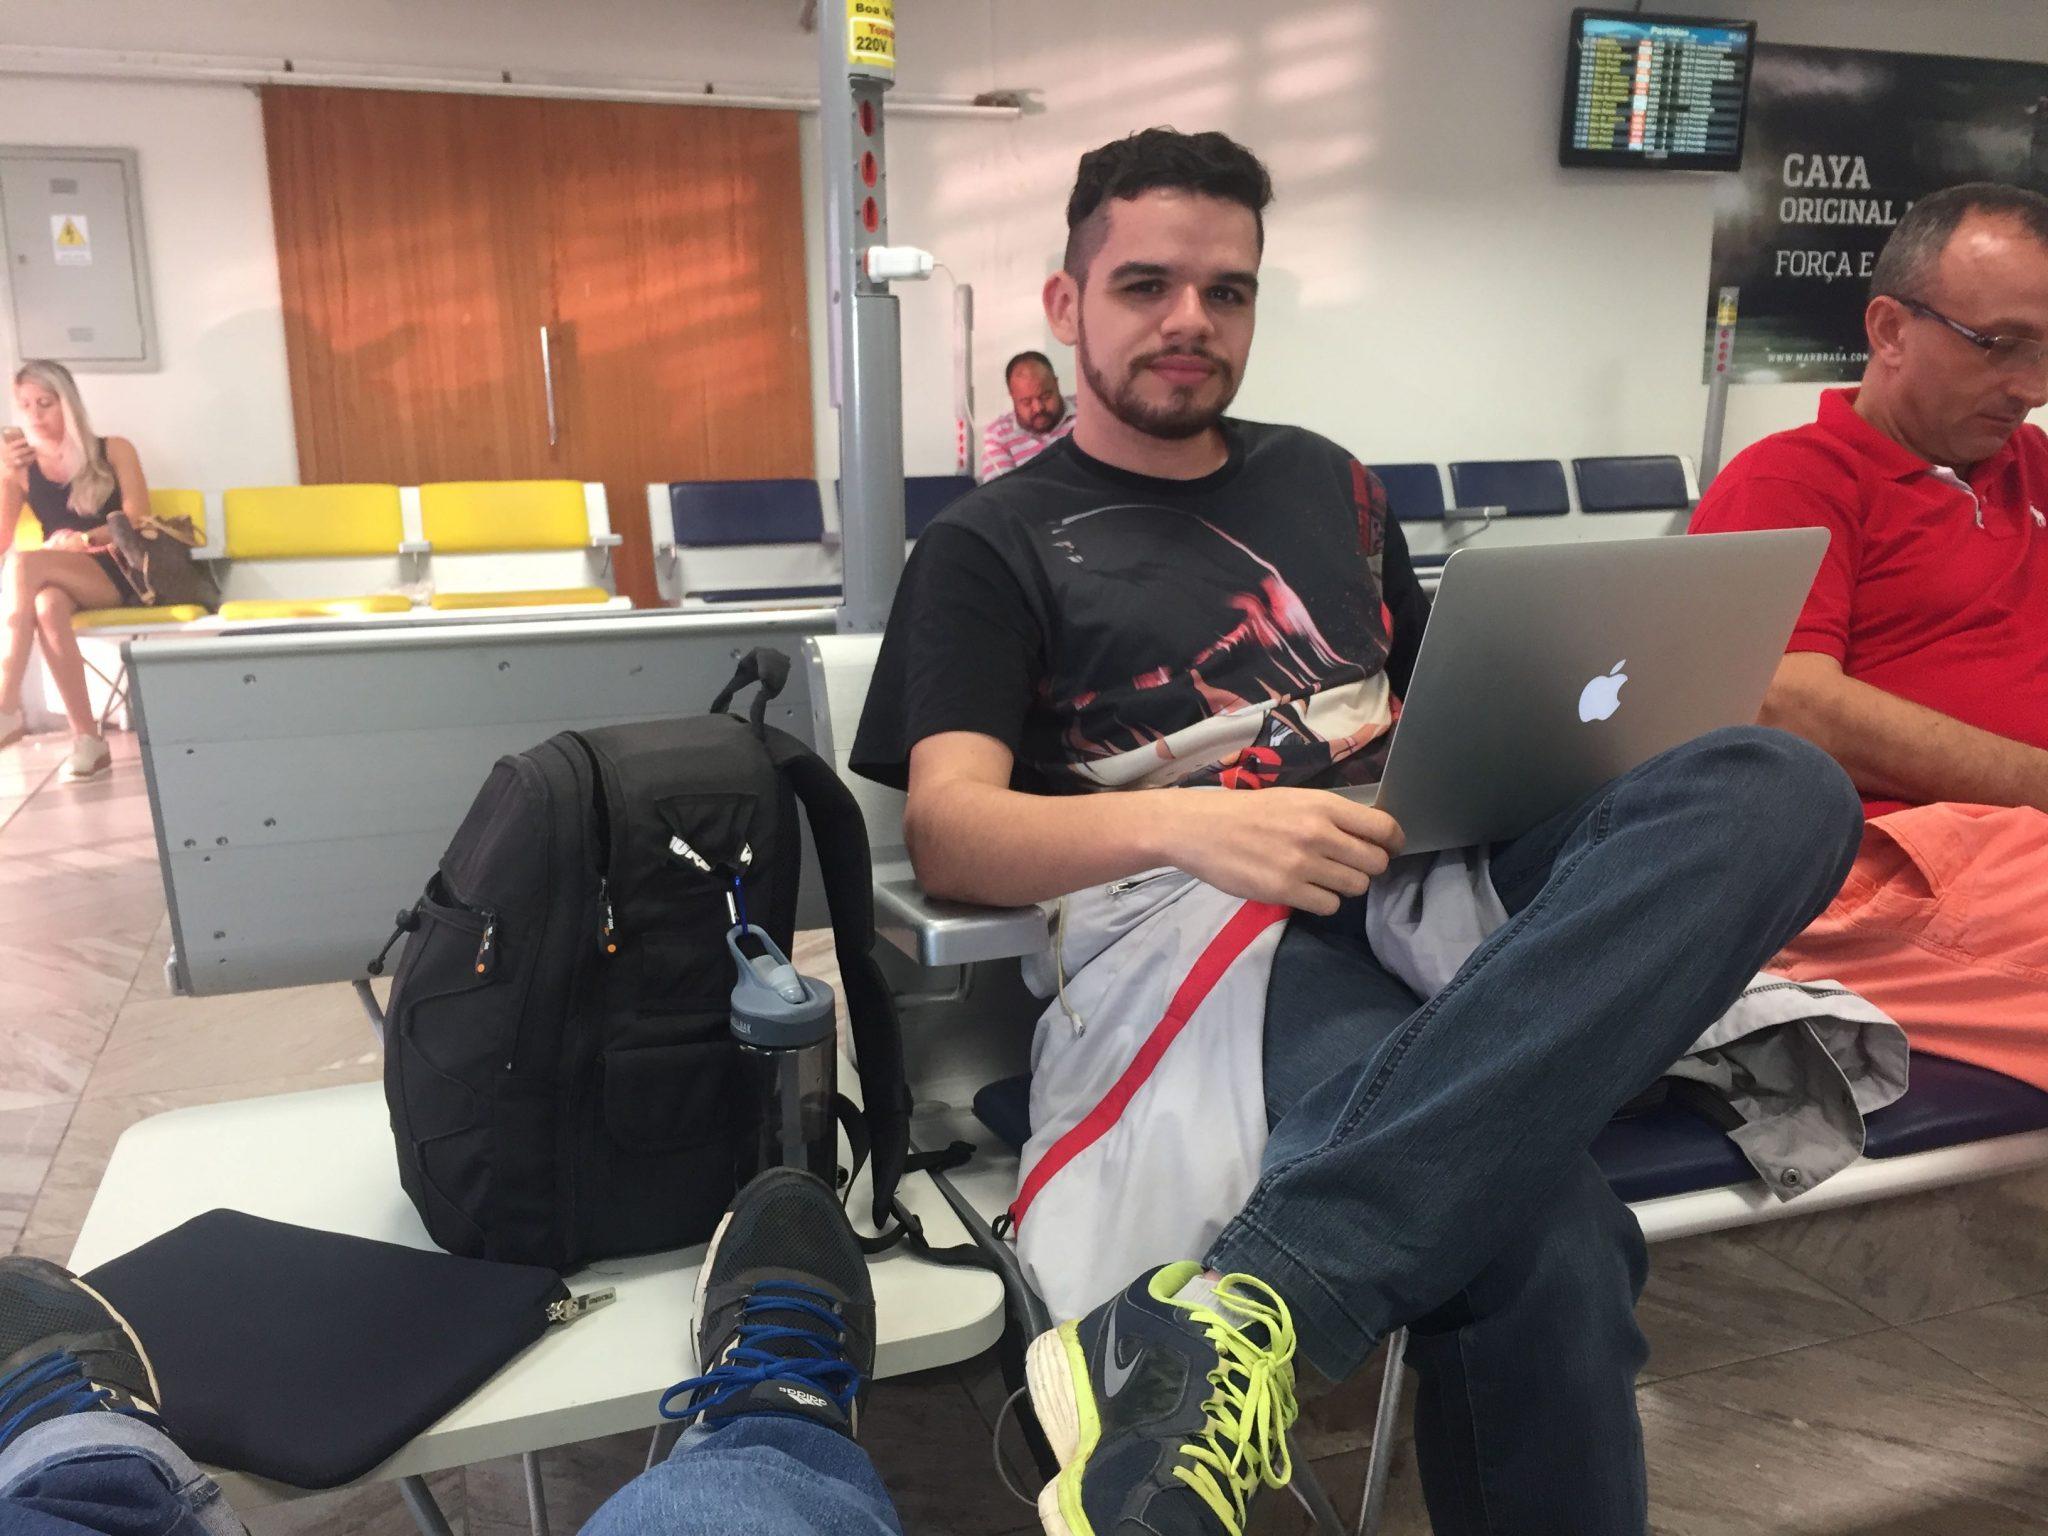 Dalton Silveira Aeroporto VIX